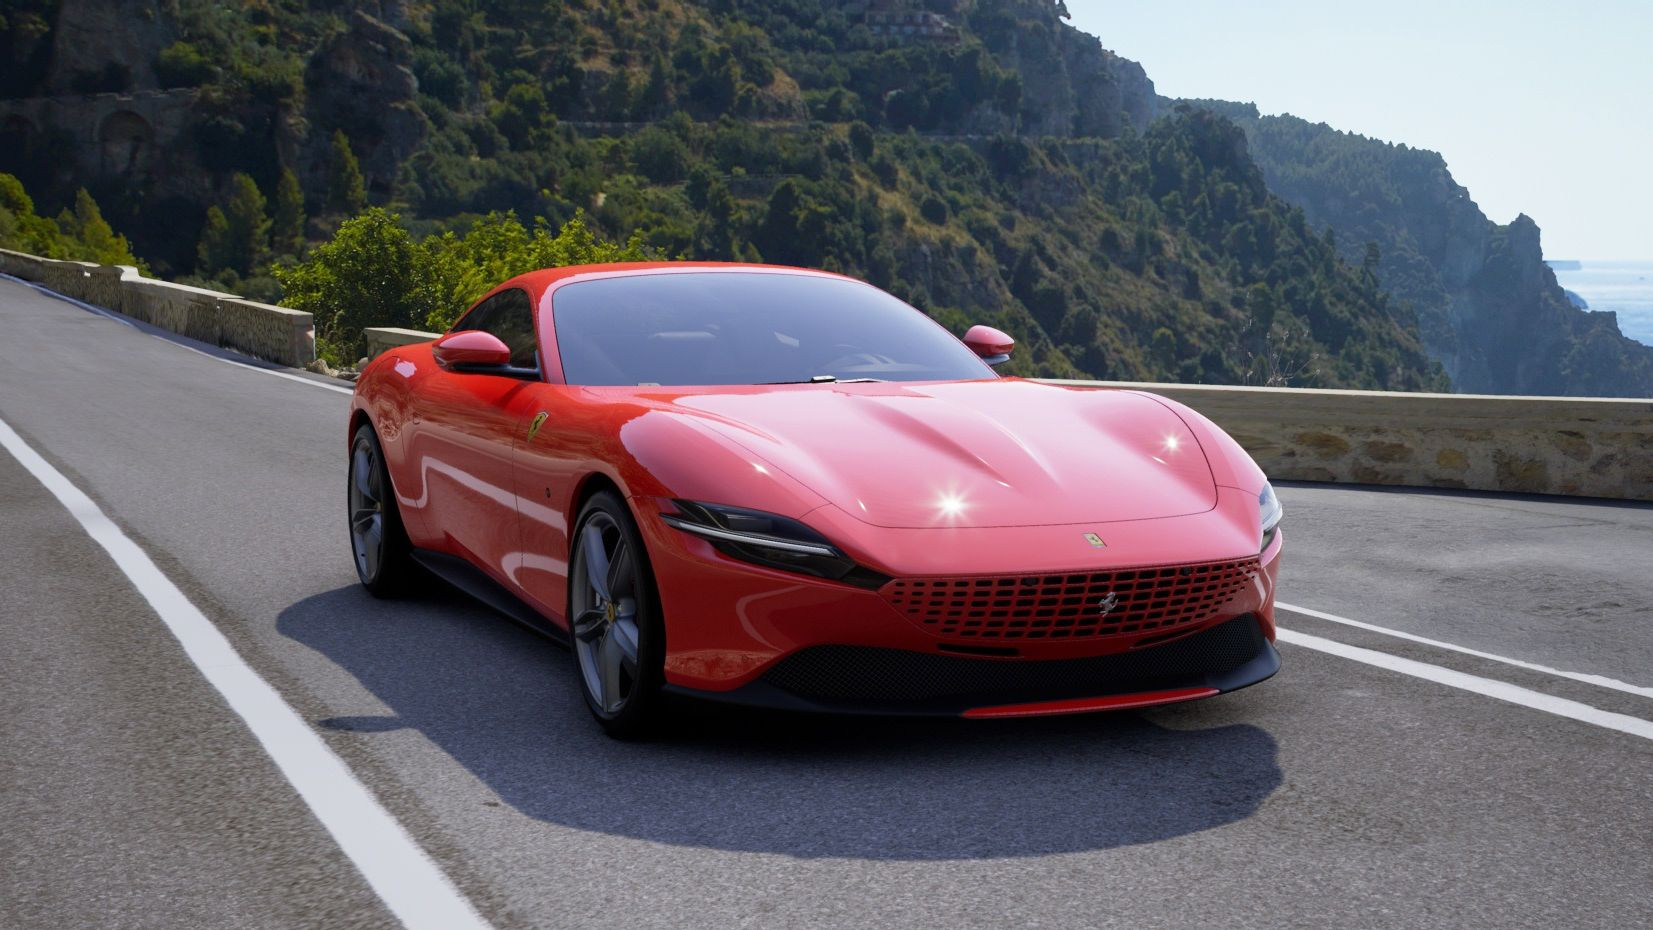 Configure Your Perfect Ferrari Roma Here